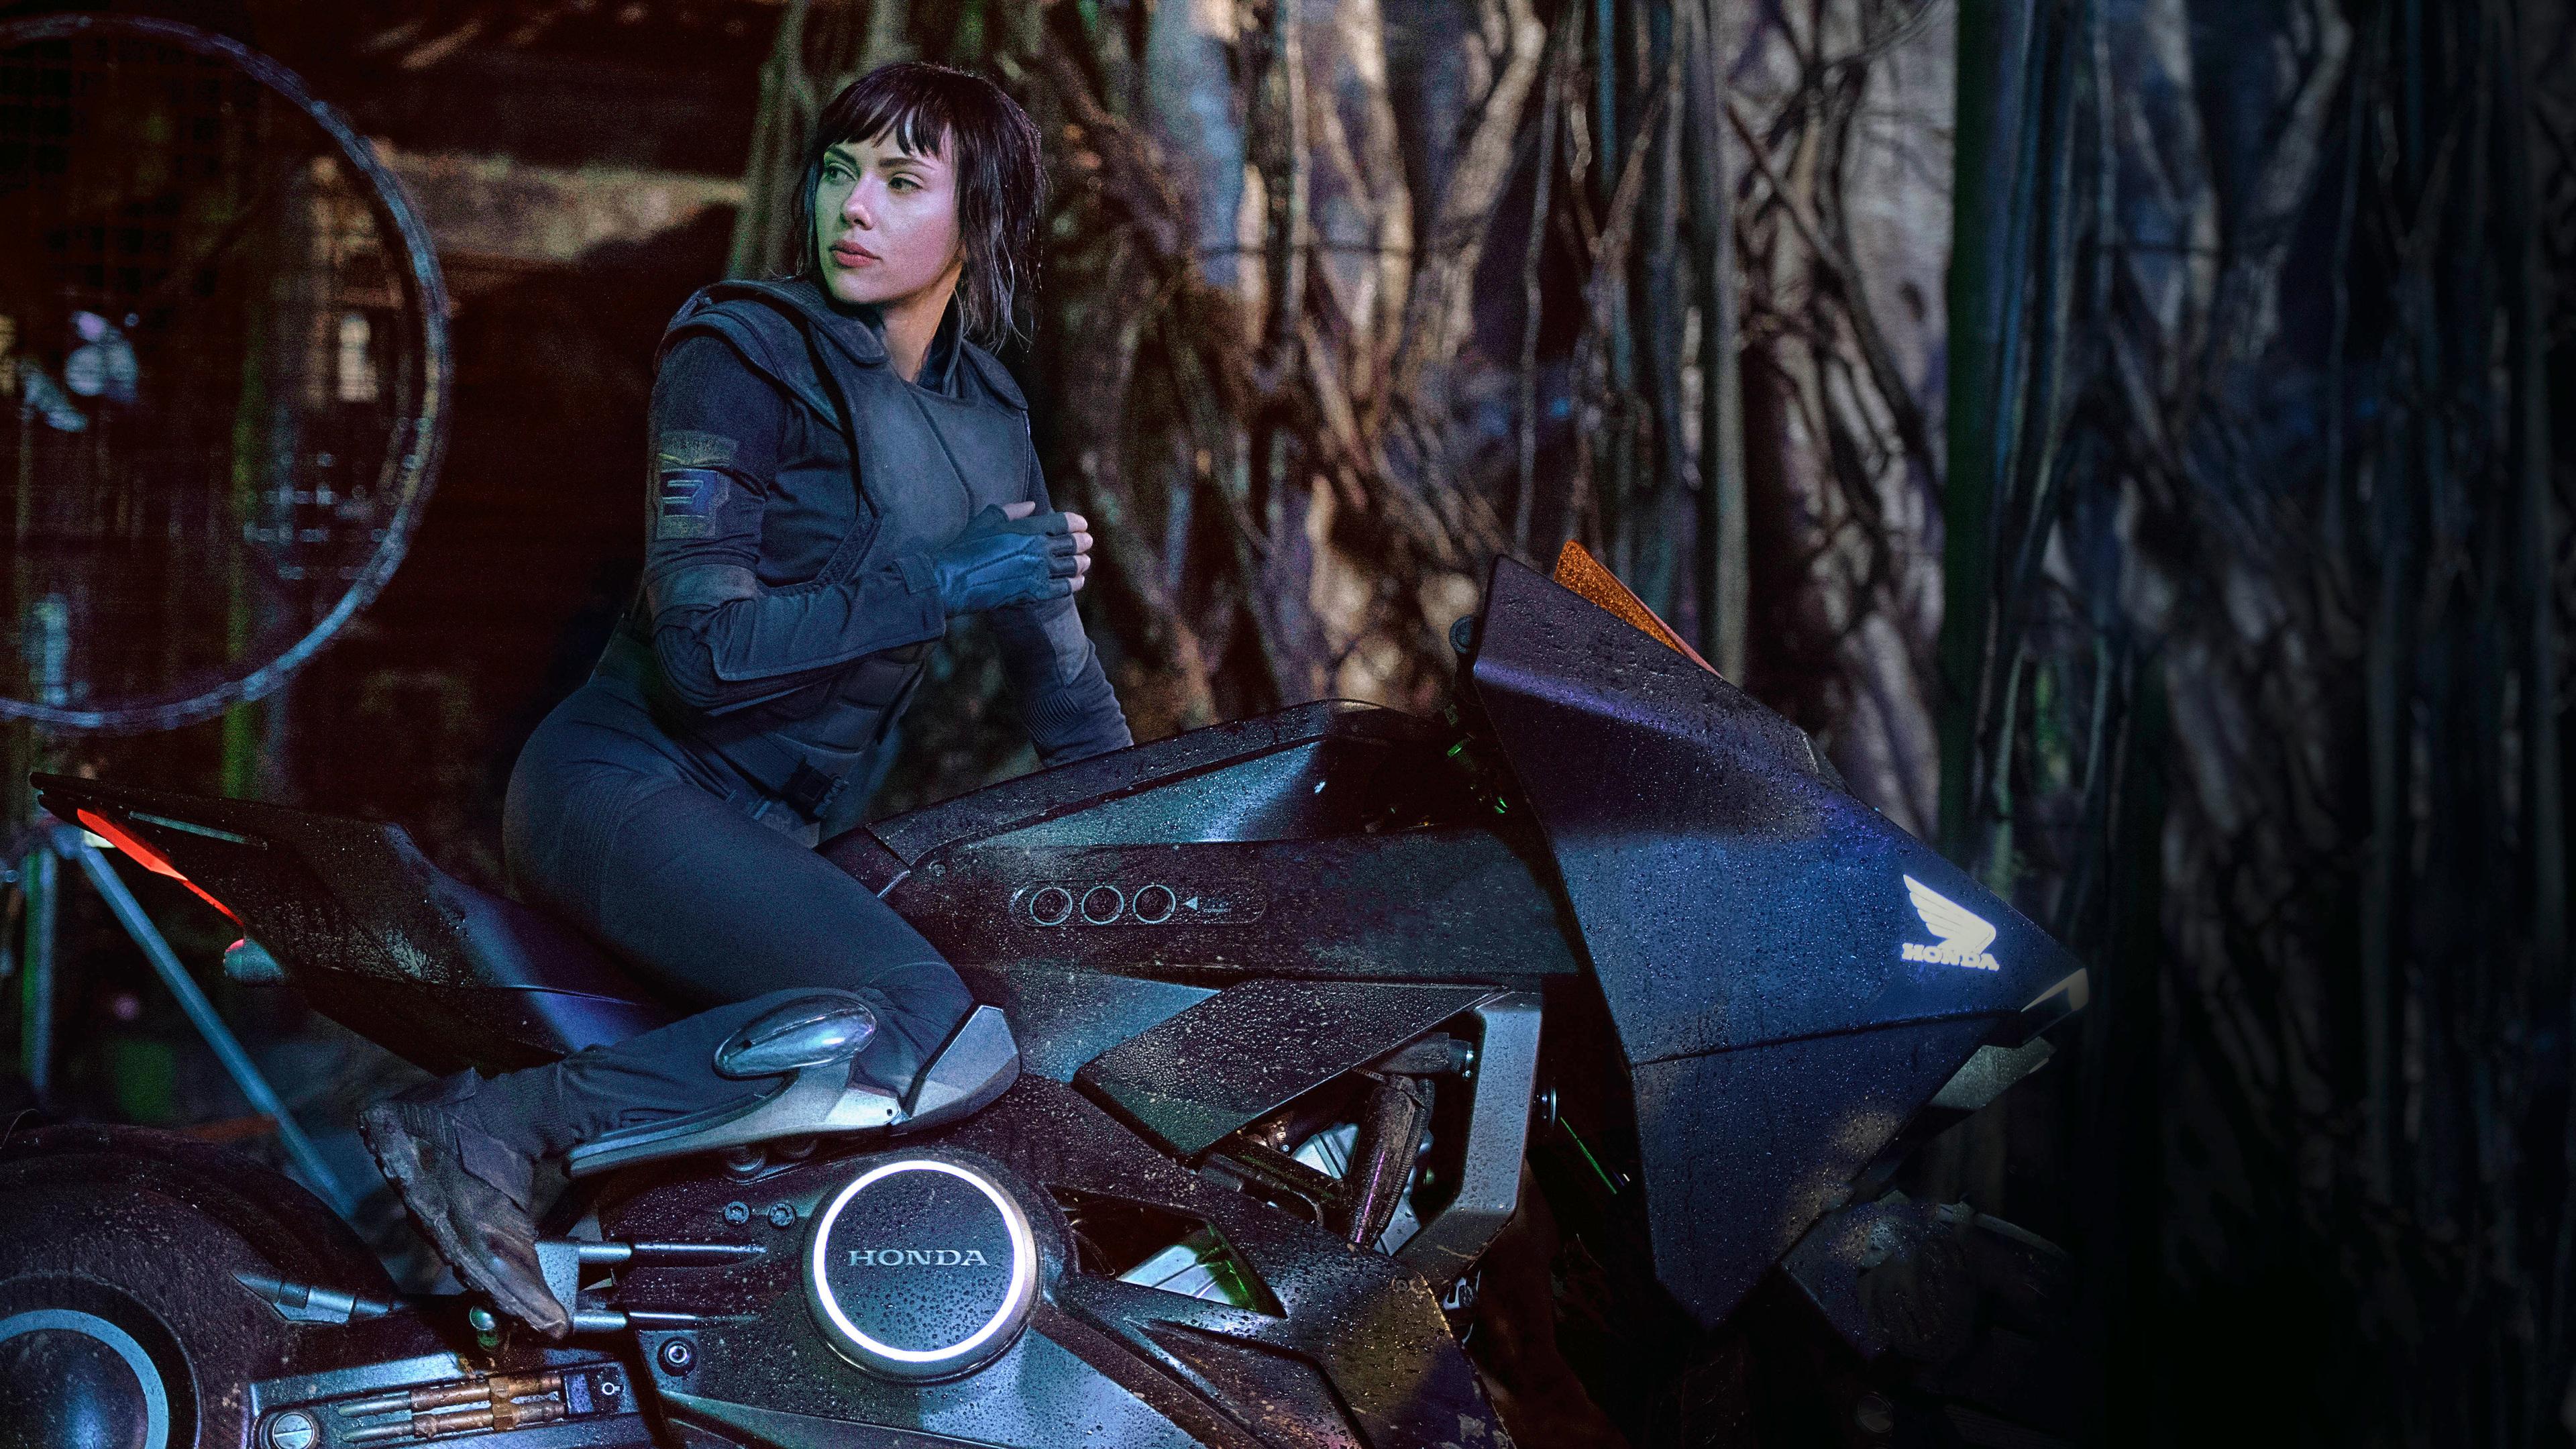 Wallpaper 4k Scarlett Johansson In Ghost In The Shell 5k 2017